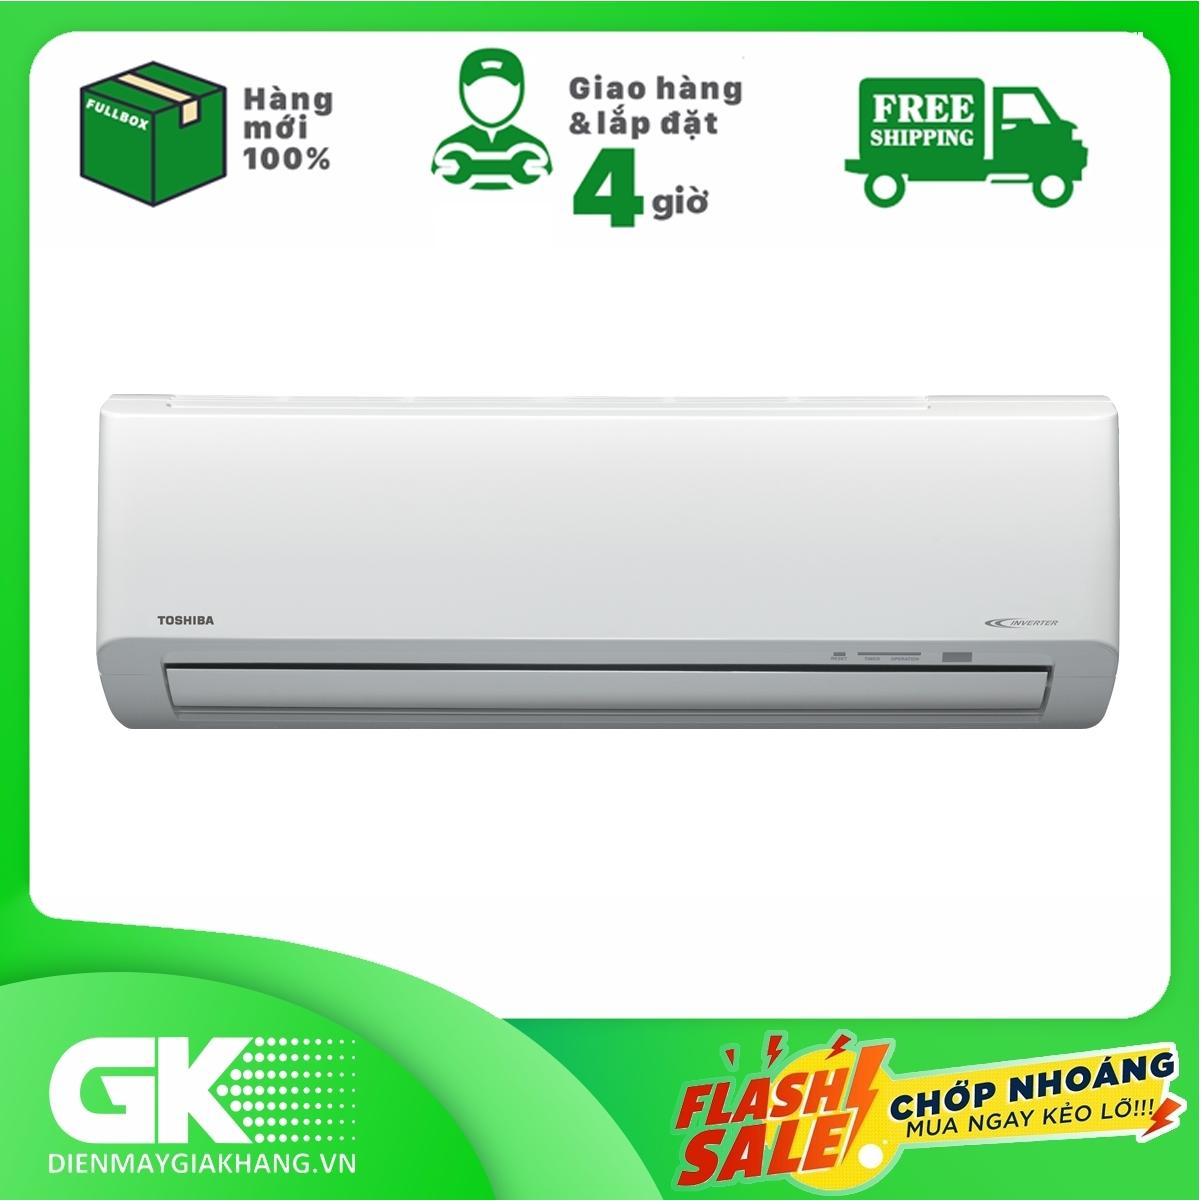 Bảng giá Máy lạnh Toshiba Inverter 1 HP RAS-H10H2KCVG-V